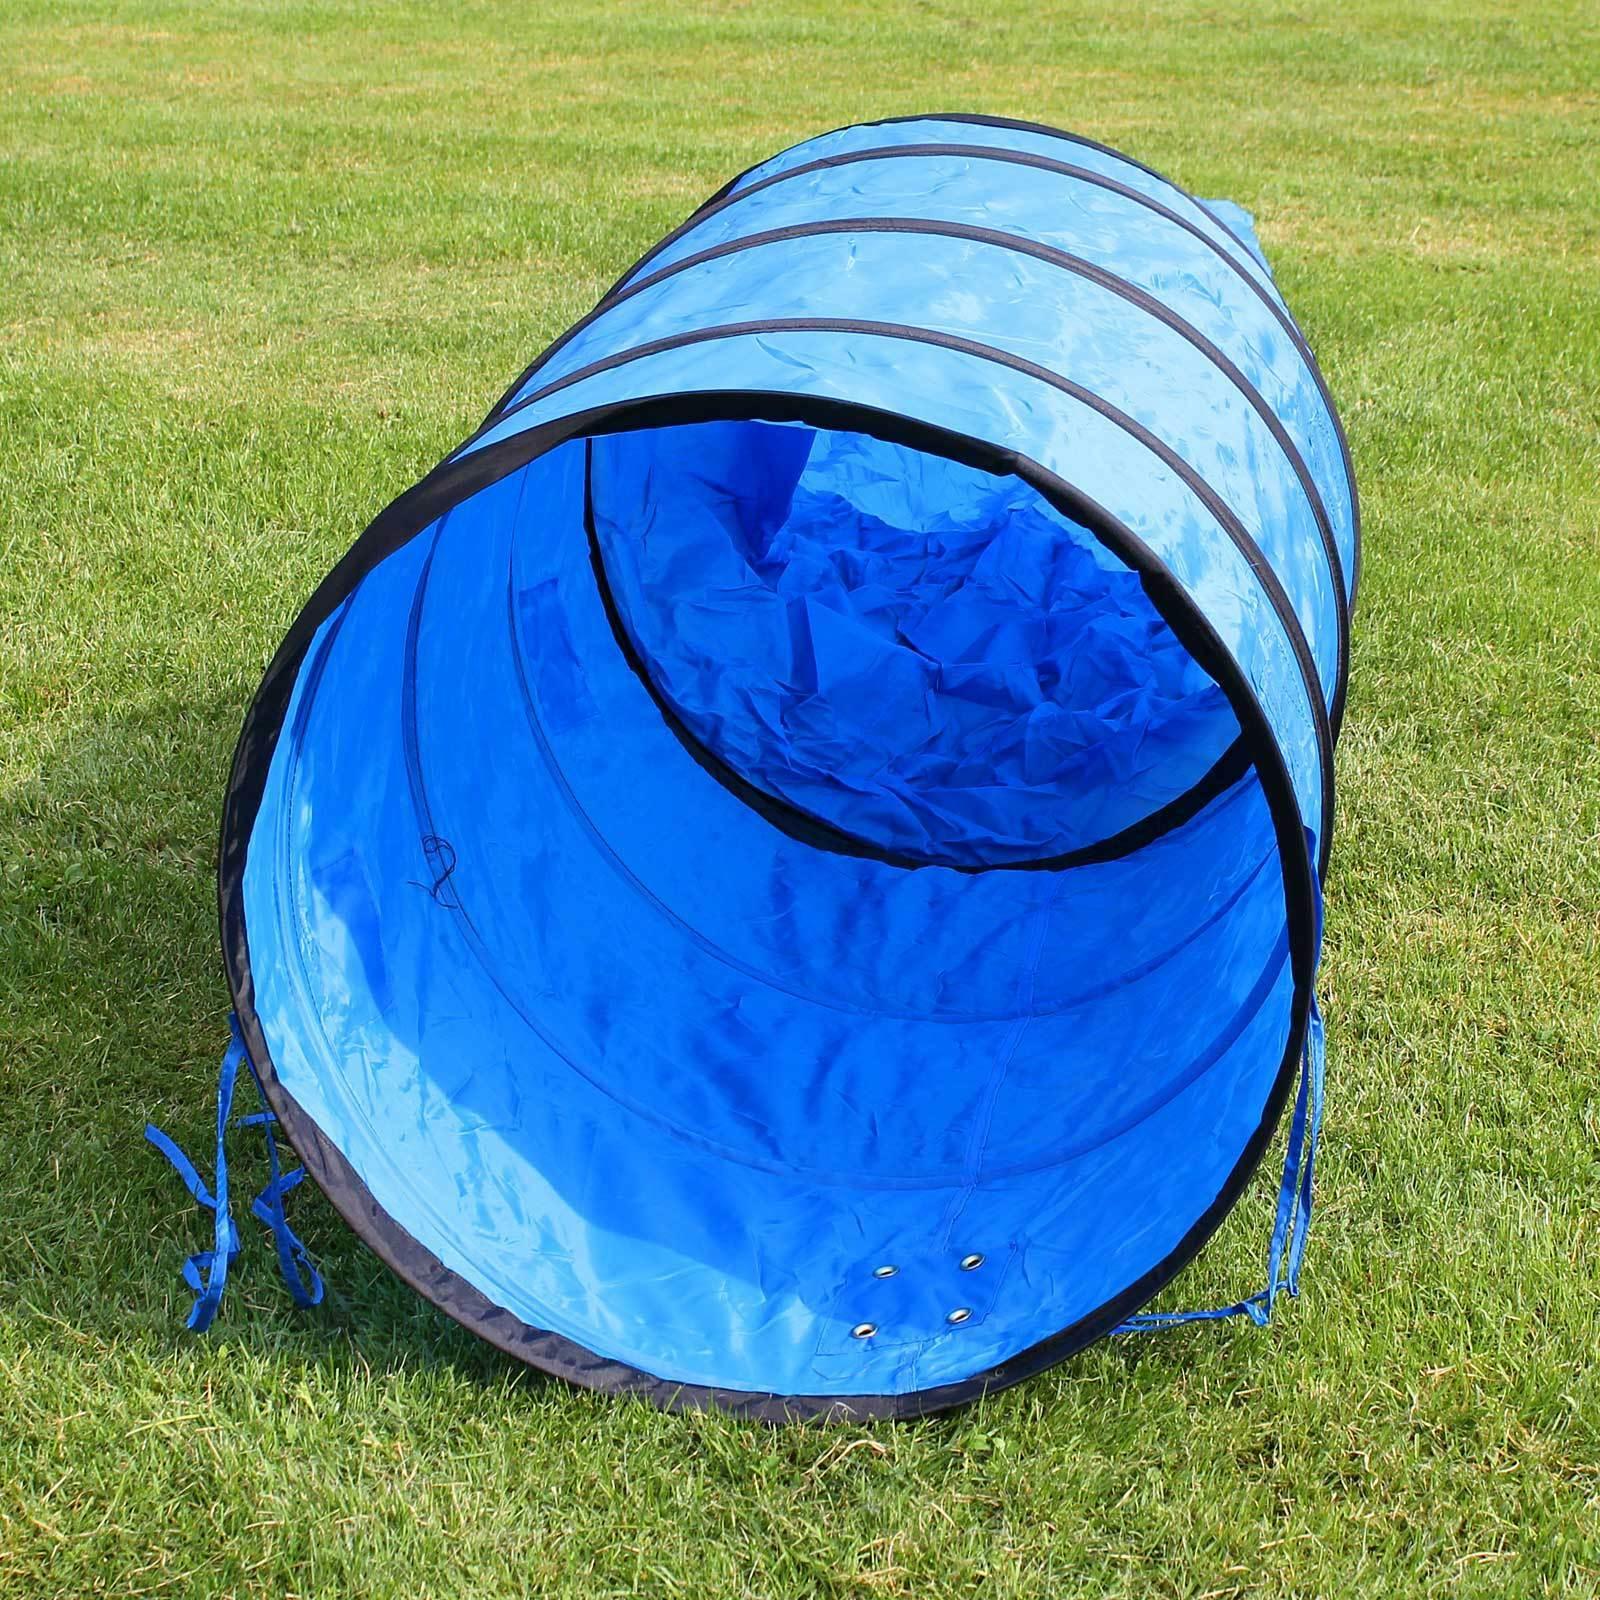 Tunel pro psa - závod agility, výcvik psa, tmavě modrý 400x60cm